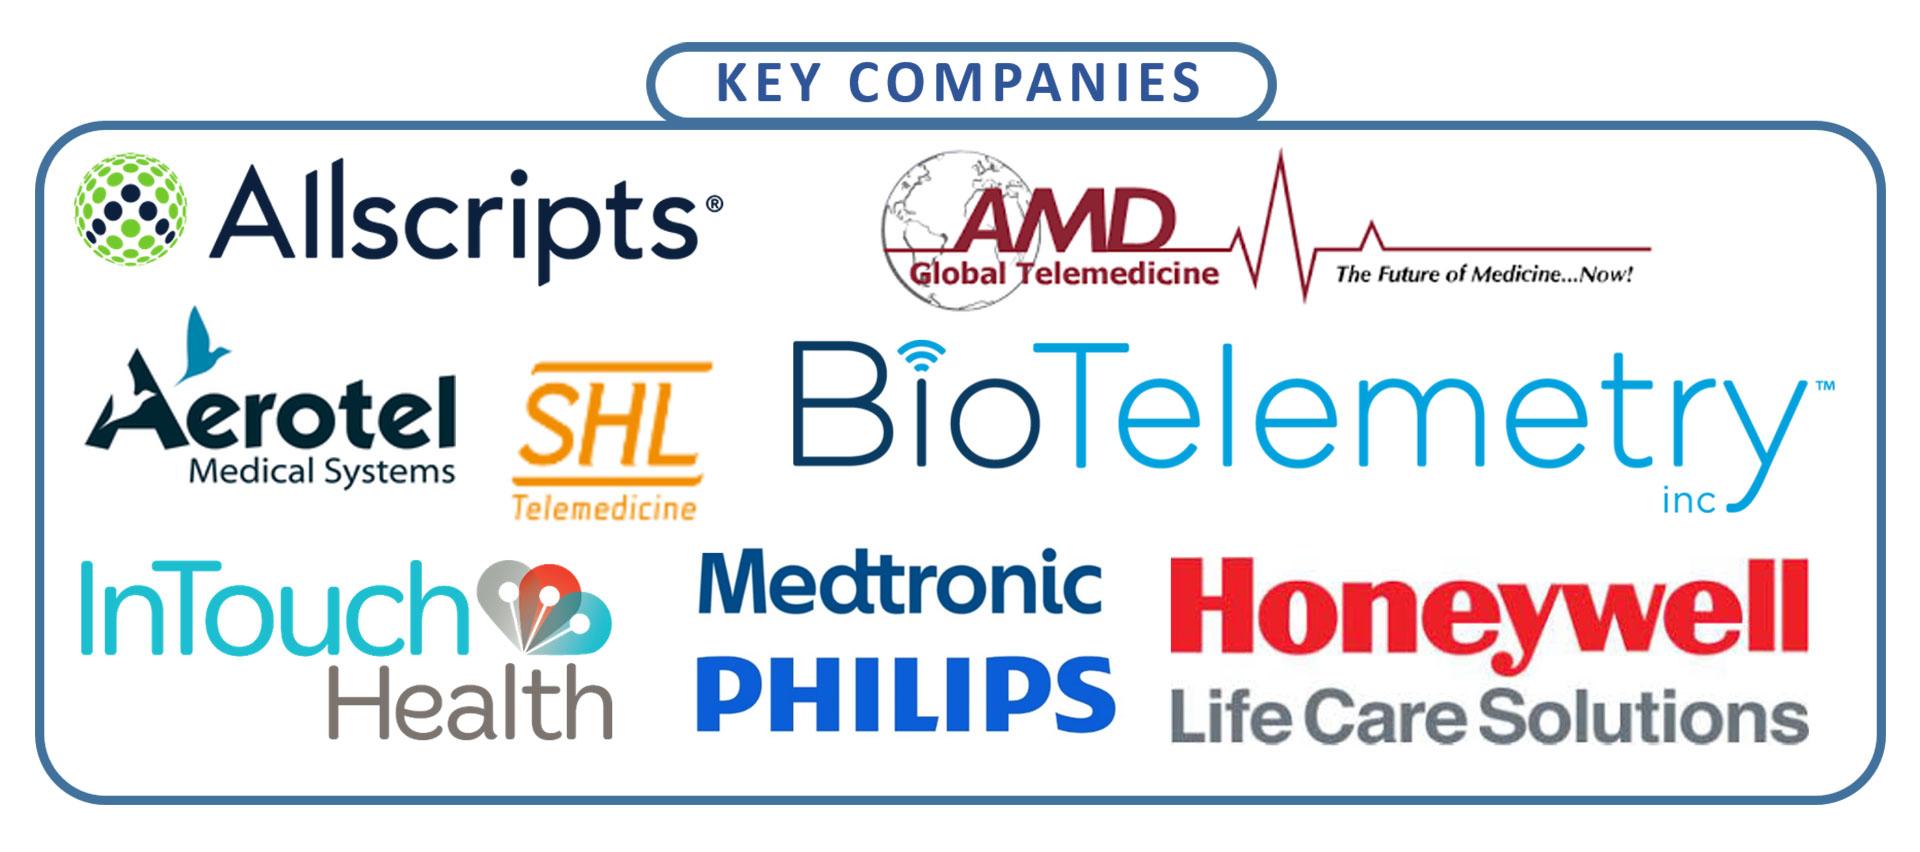 telemedicine market Key Players